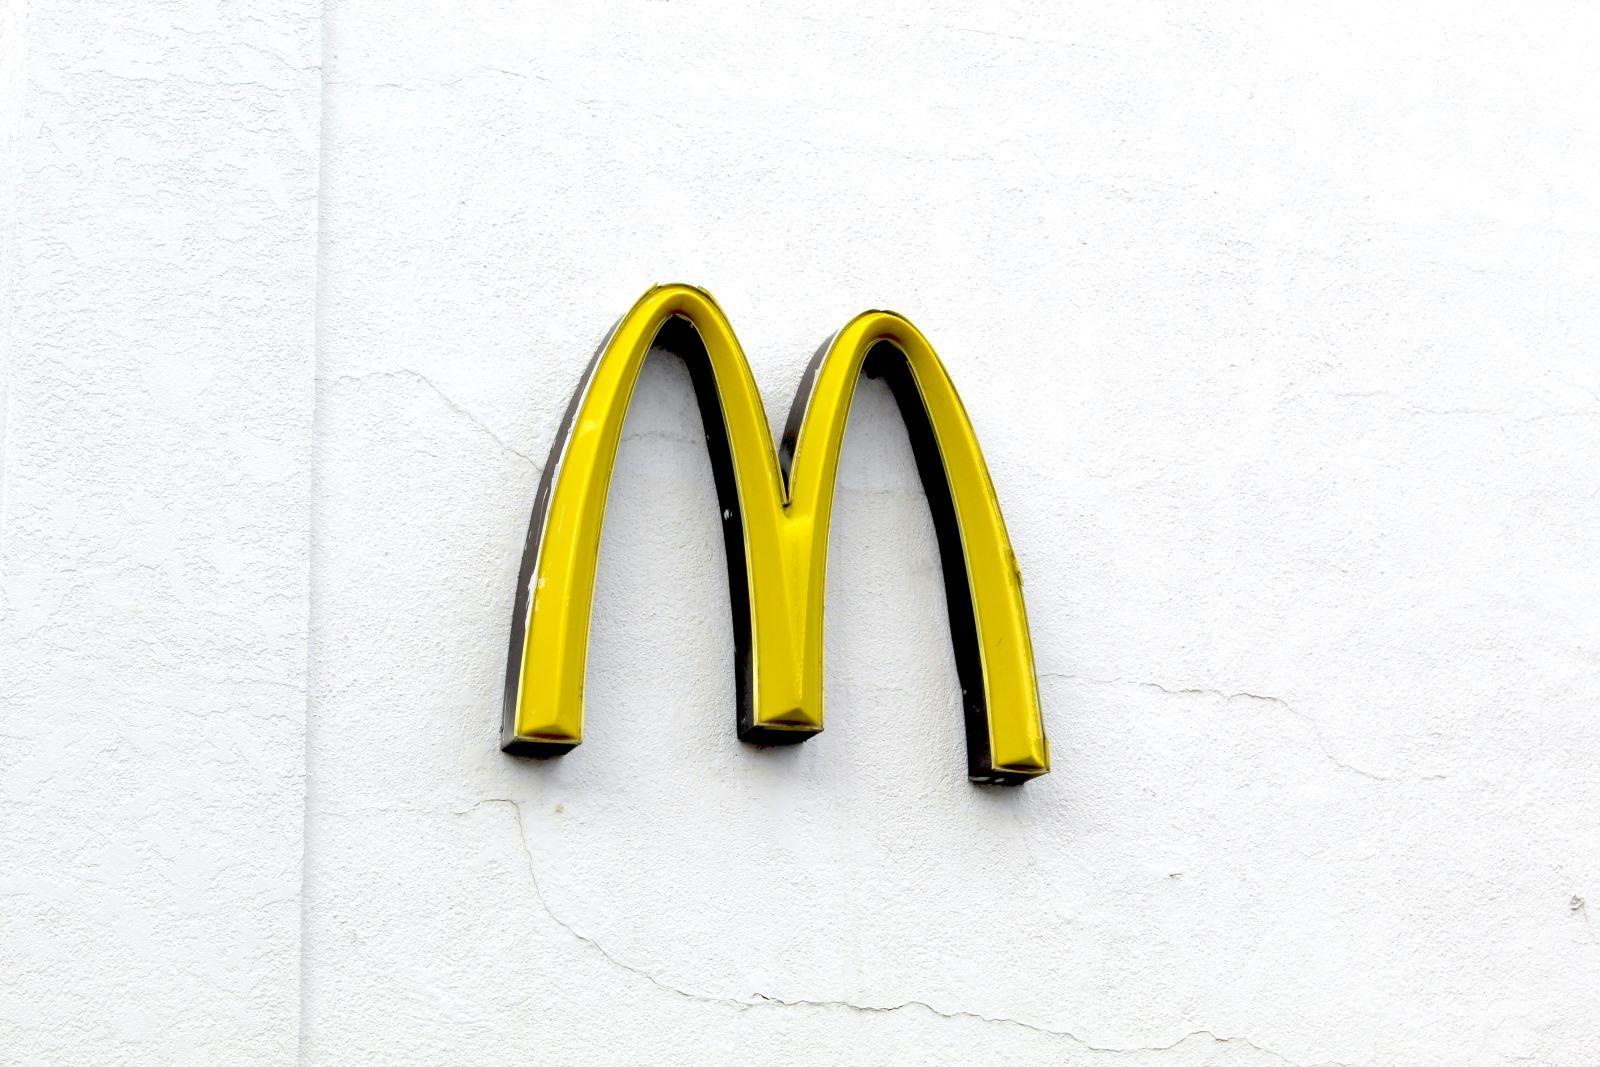 Logo in hoge resolutie laten maken - Grafisch ontwerper Antwerpen